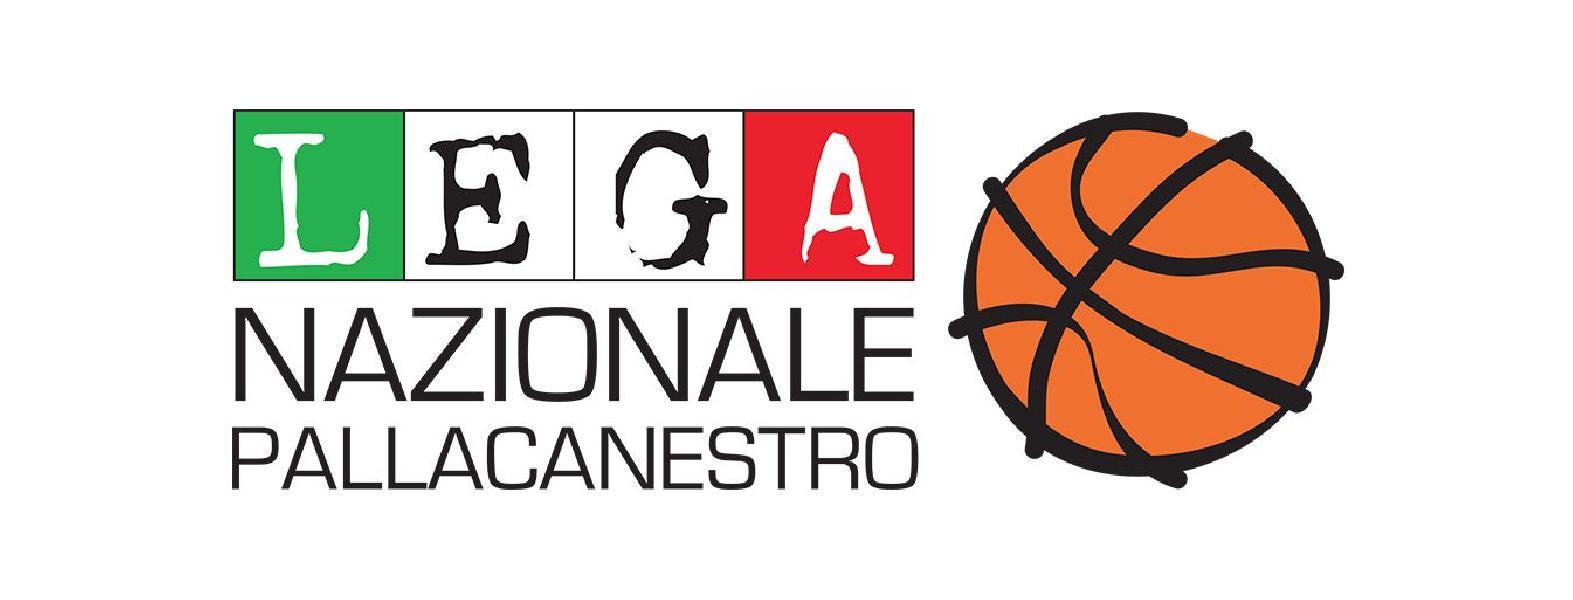 https://www.basketmarche.it/immagini_articoli/17-02-2019/serie-ritorno-vincono-prime-classifica-coda-colpo-ferrara-600.jpg